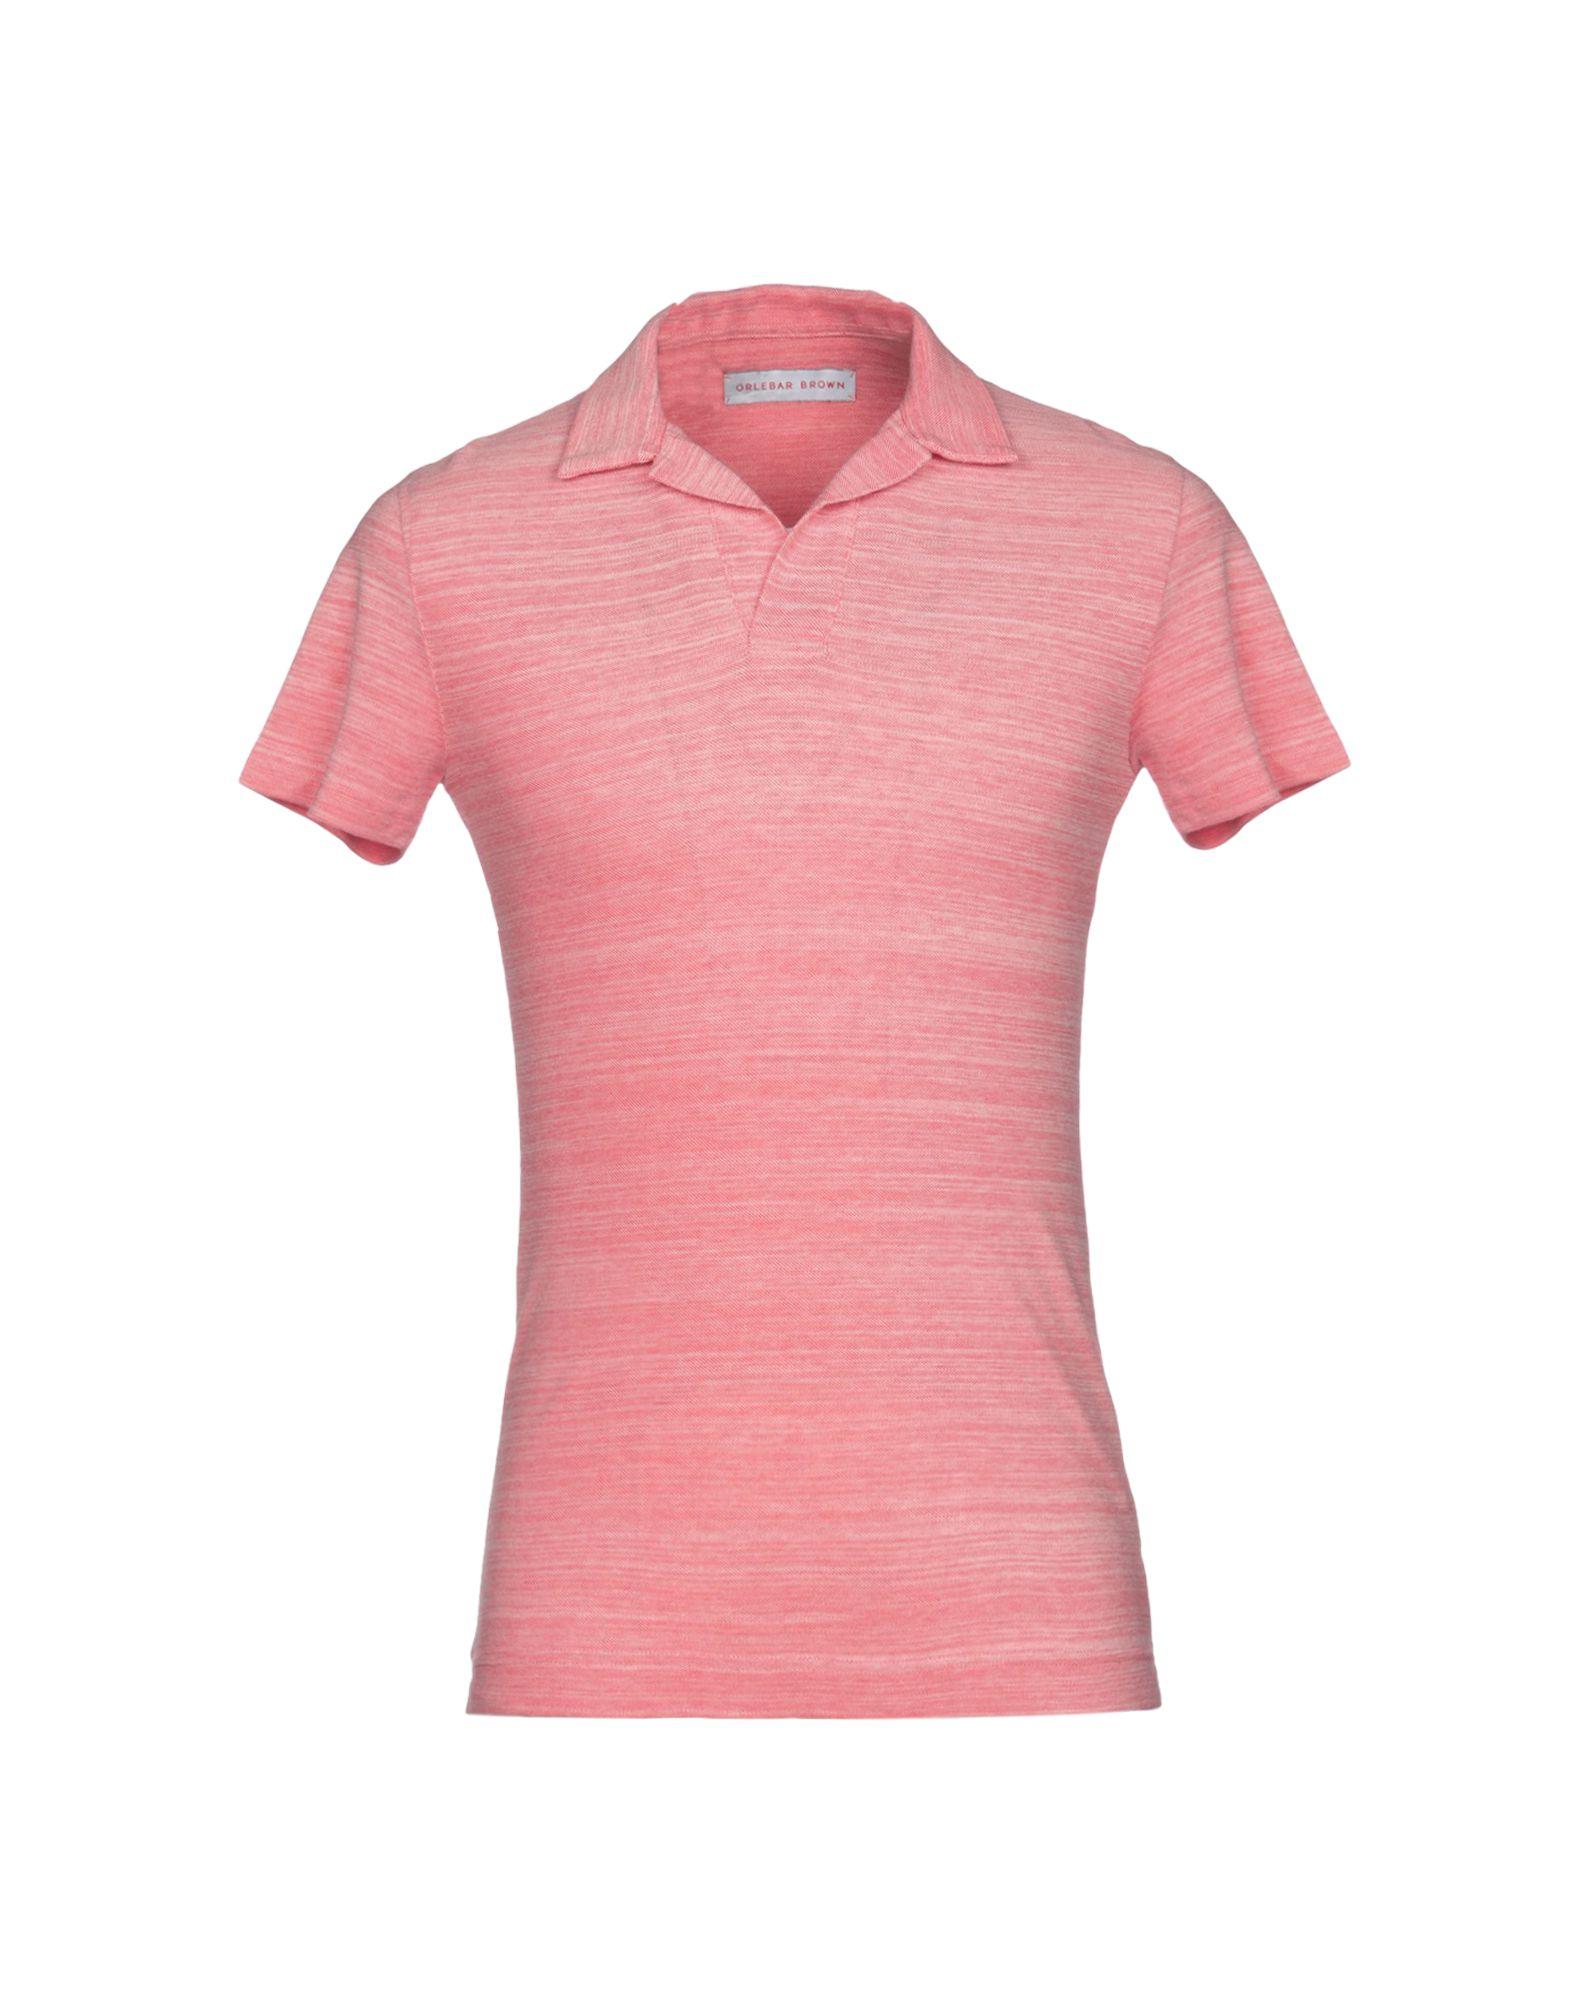 《送料無料》ORLEBAR BROWN メンズ ポロシャツ コーラル XS コットン 100%